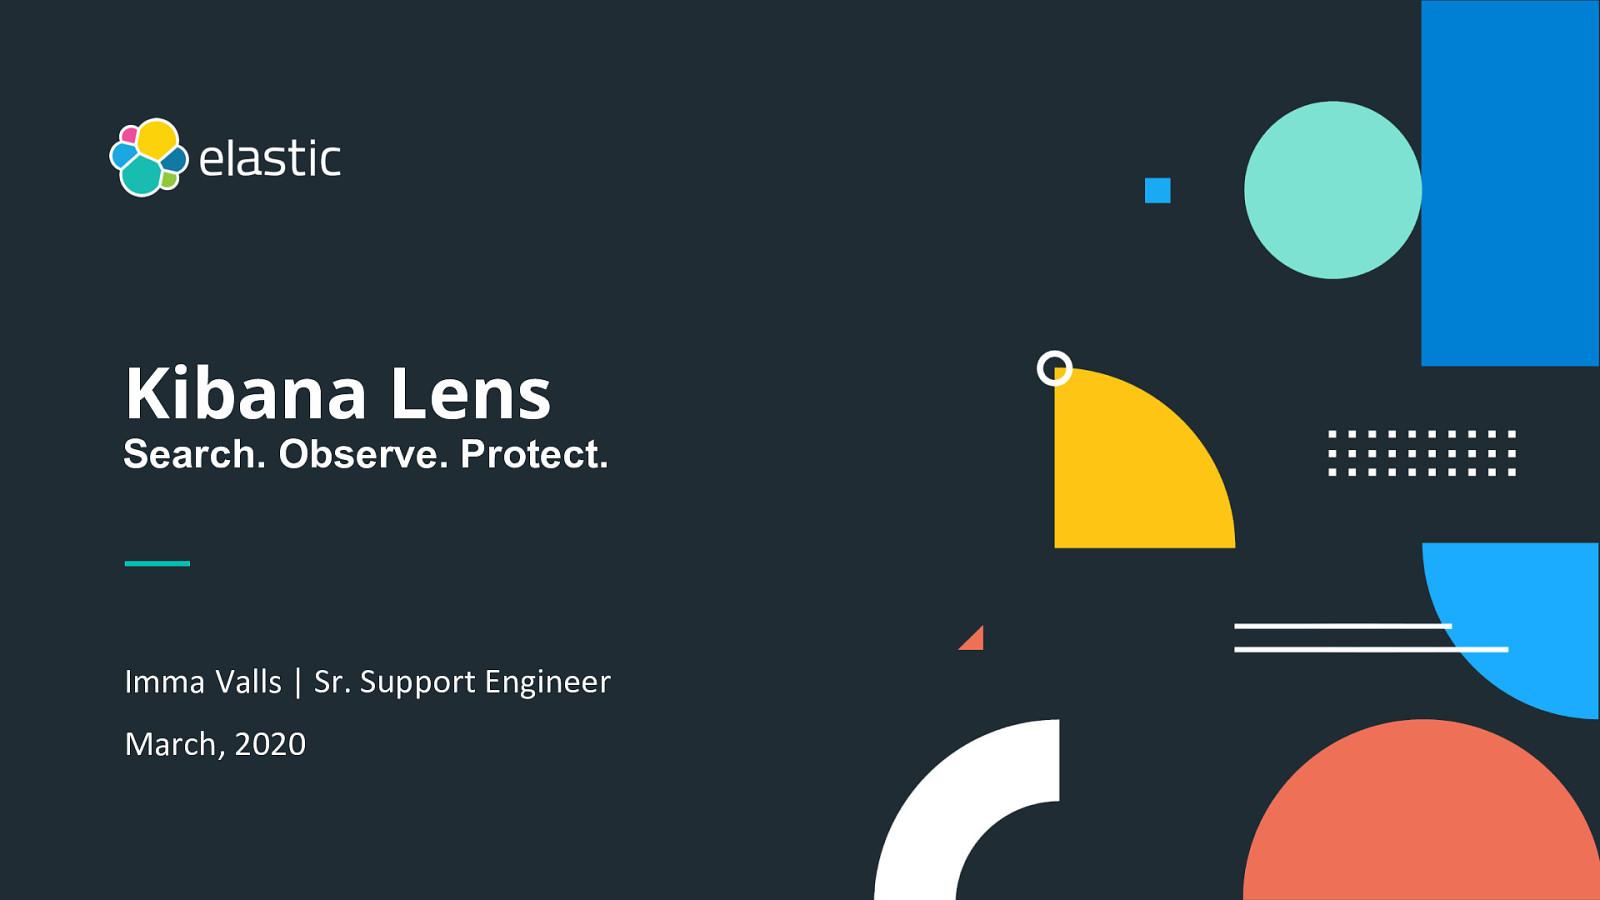 Presentación de Kibana Lens: Una forma fácil e intuitiva de visualizar los datos